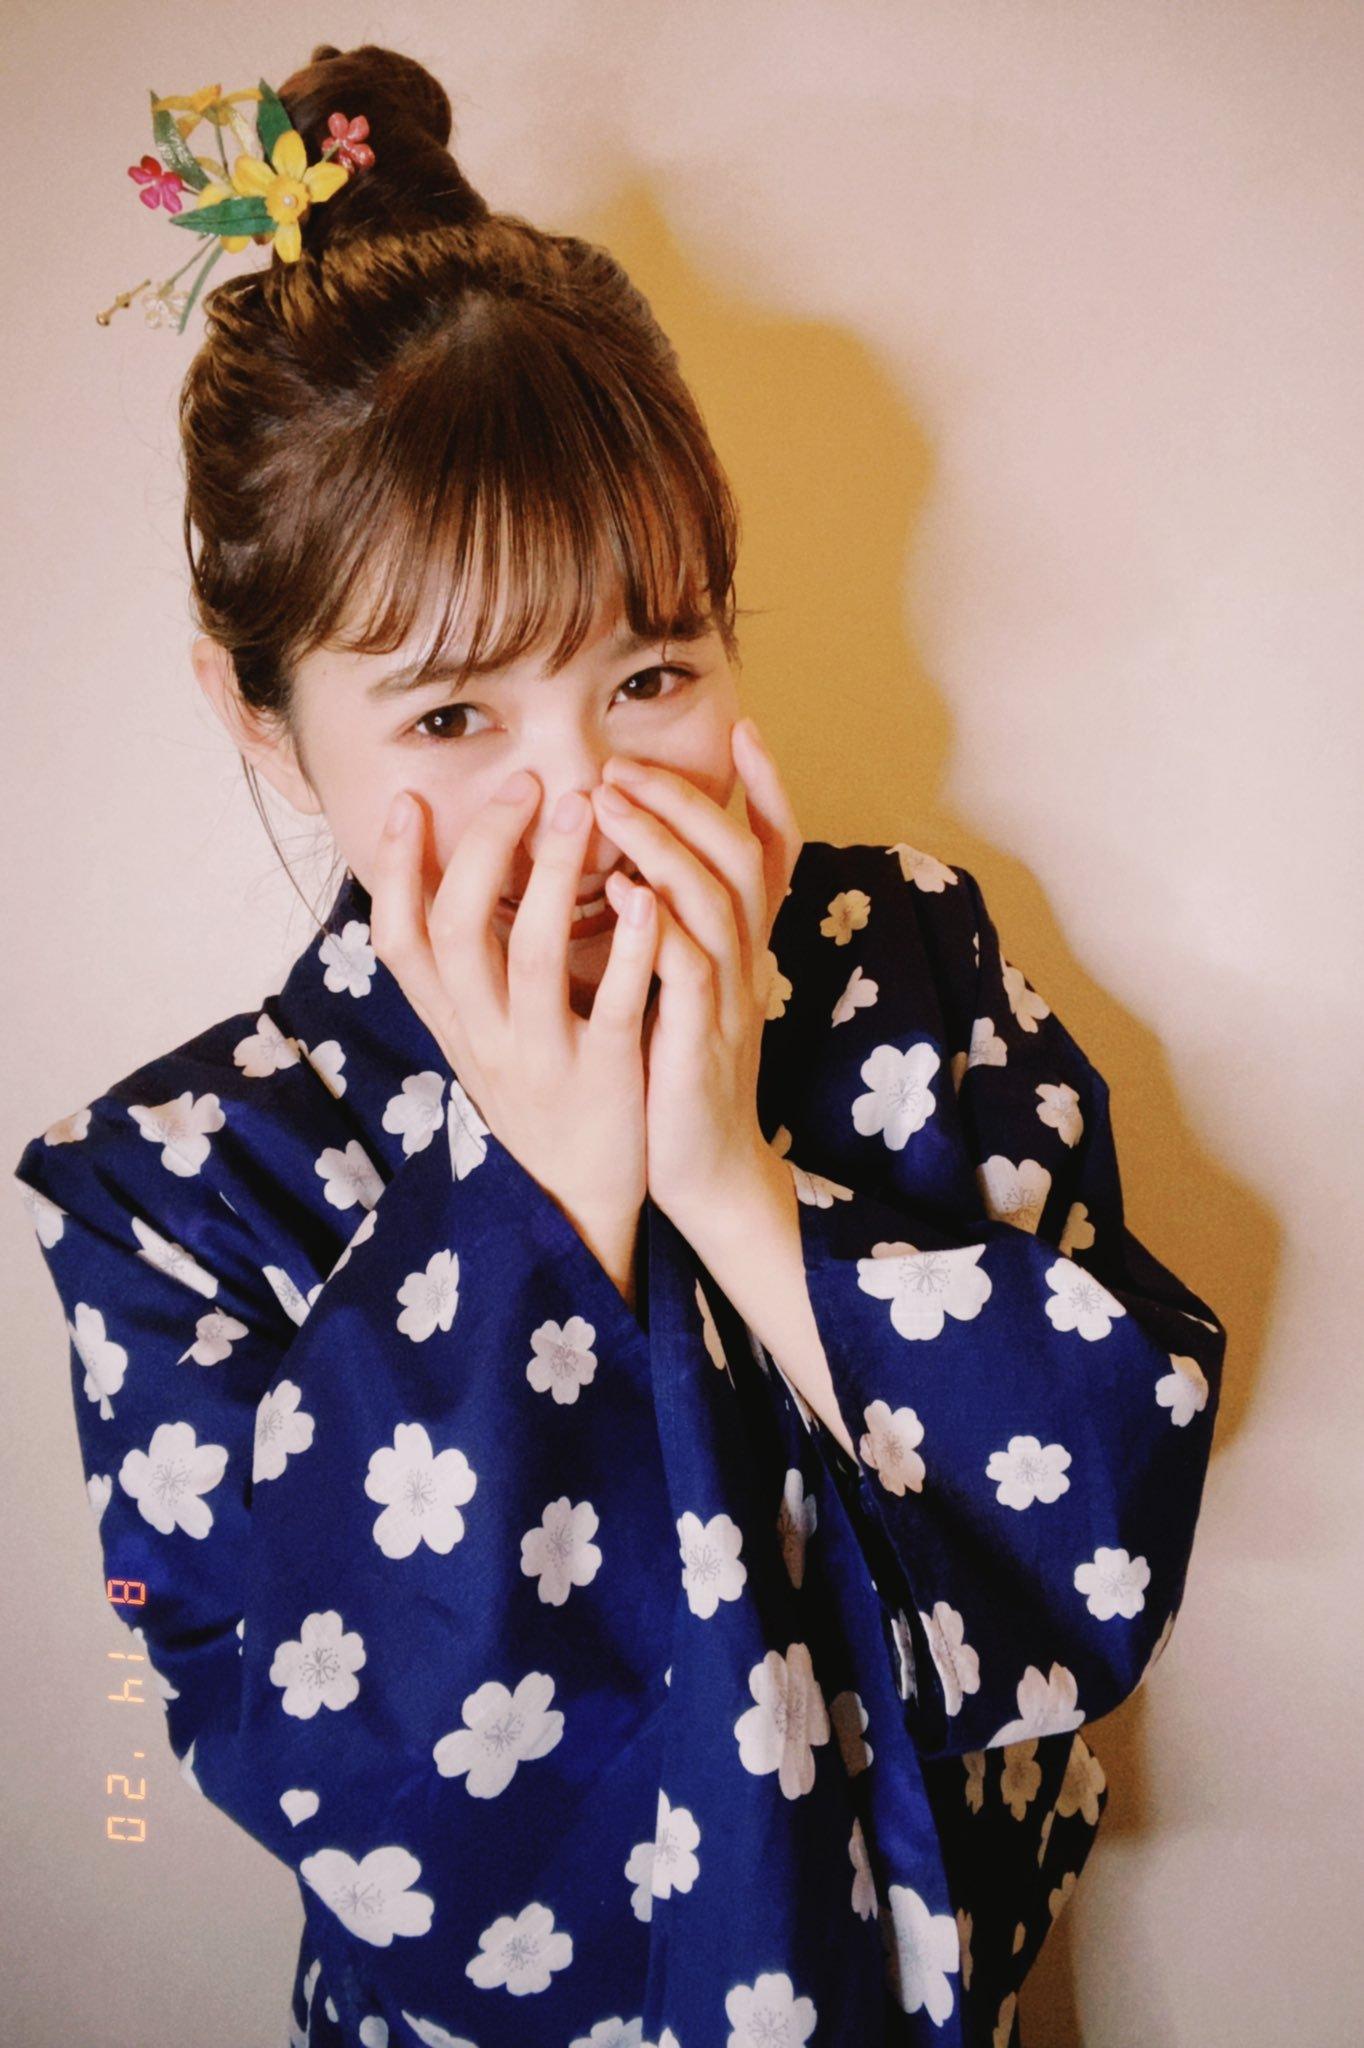 [日本]2020年杂志选美冠军新井遥超嫩脸蛋迷倒众人 养眼图片 第7张